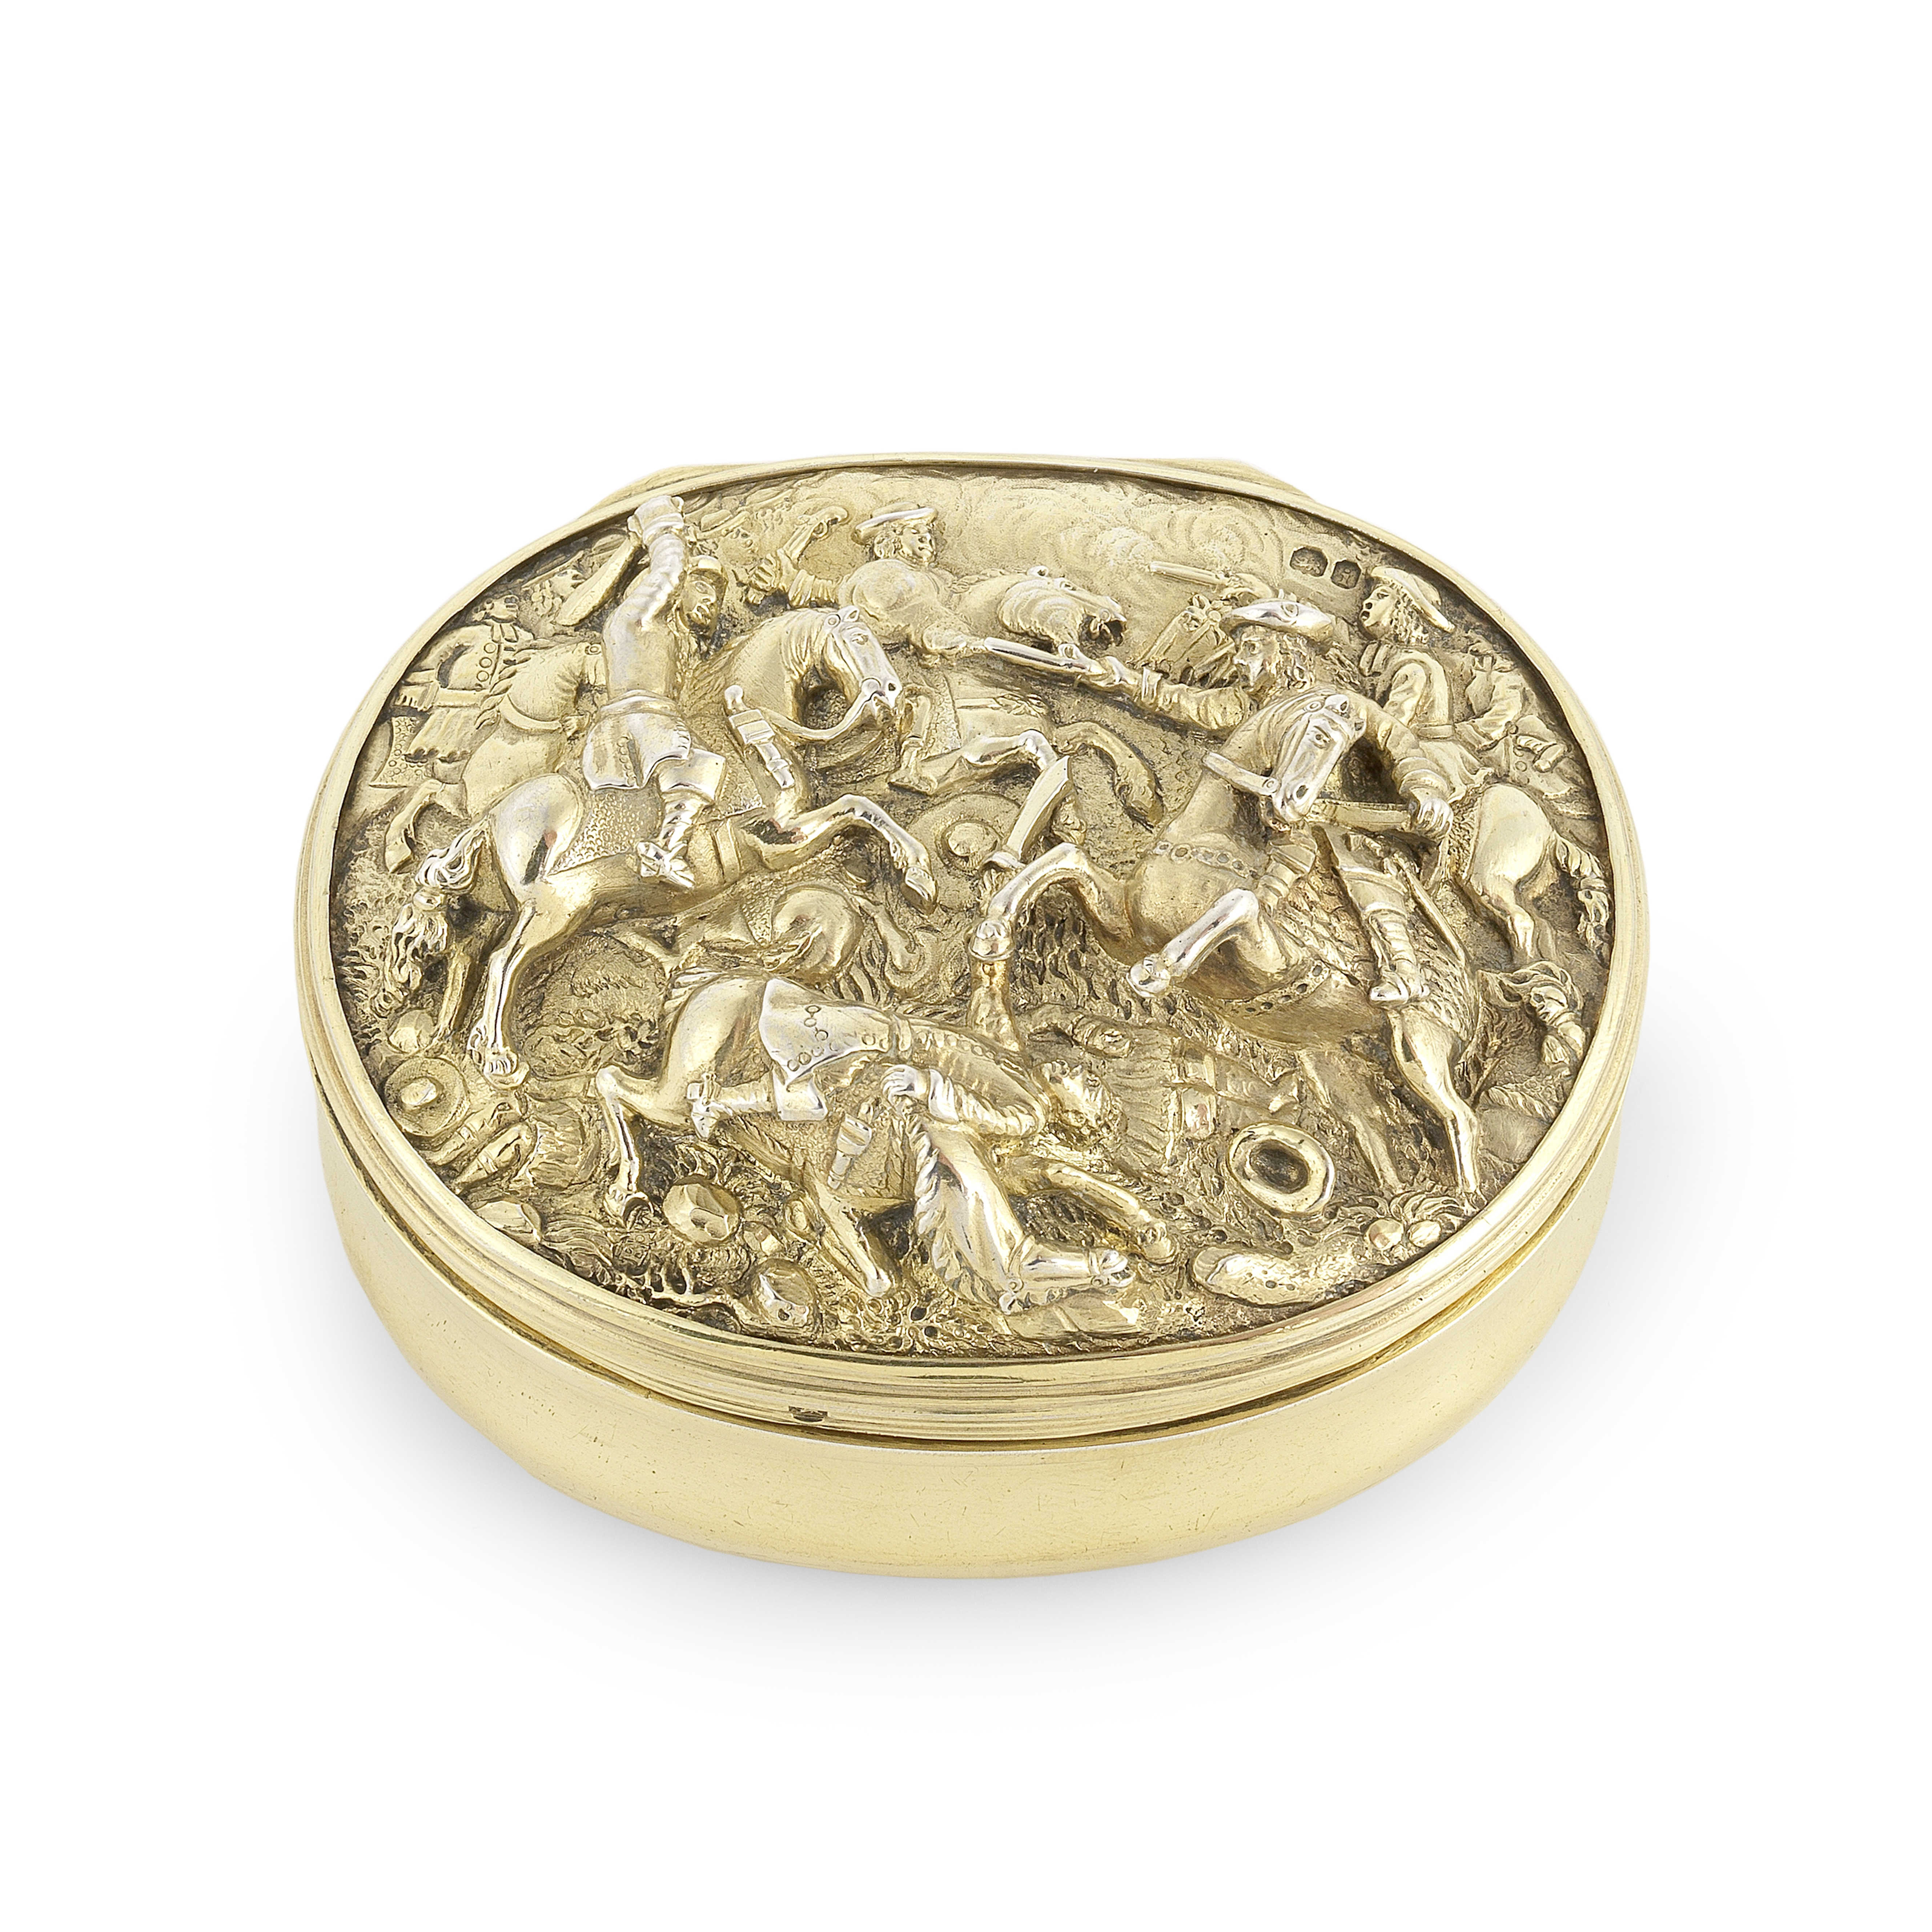 A George IV silver-gilt snuff box Edward Farrell, London 1824